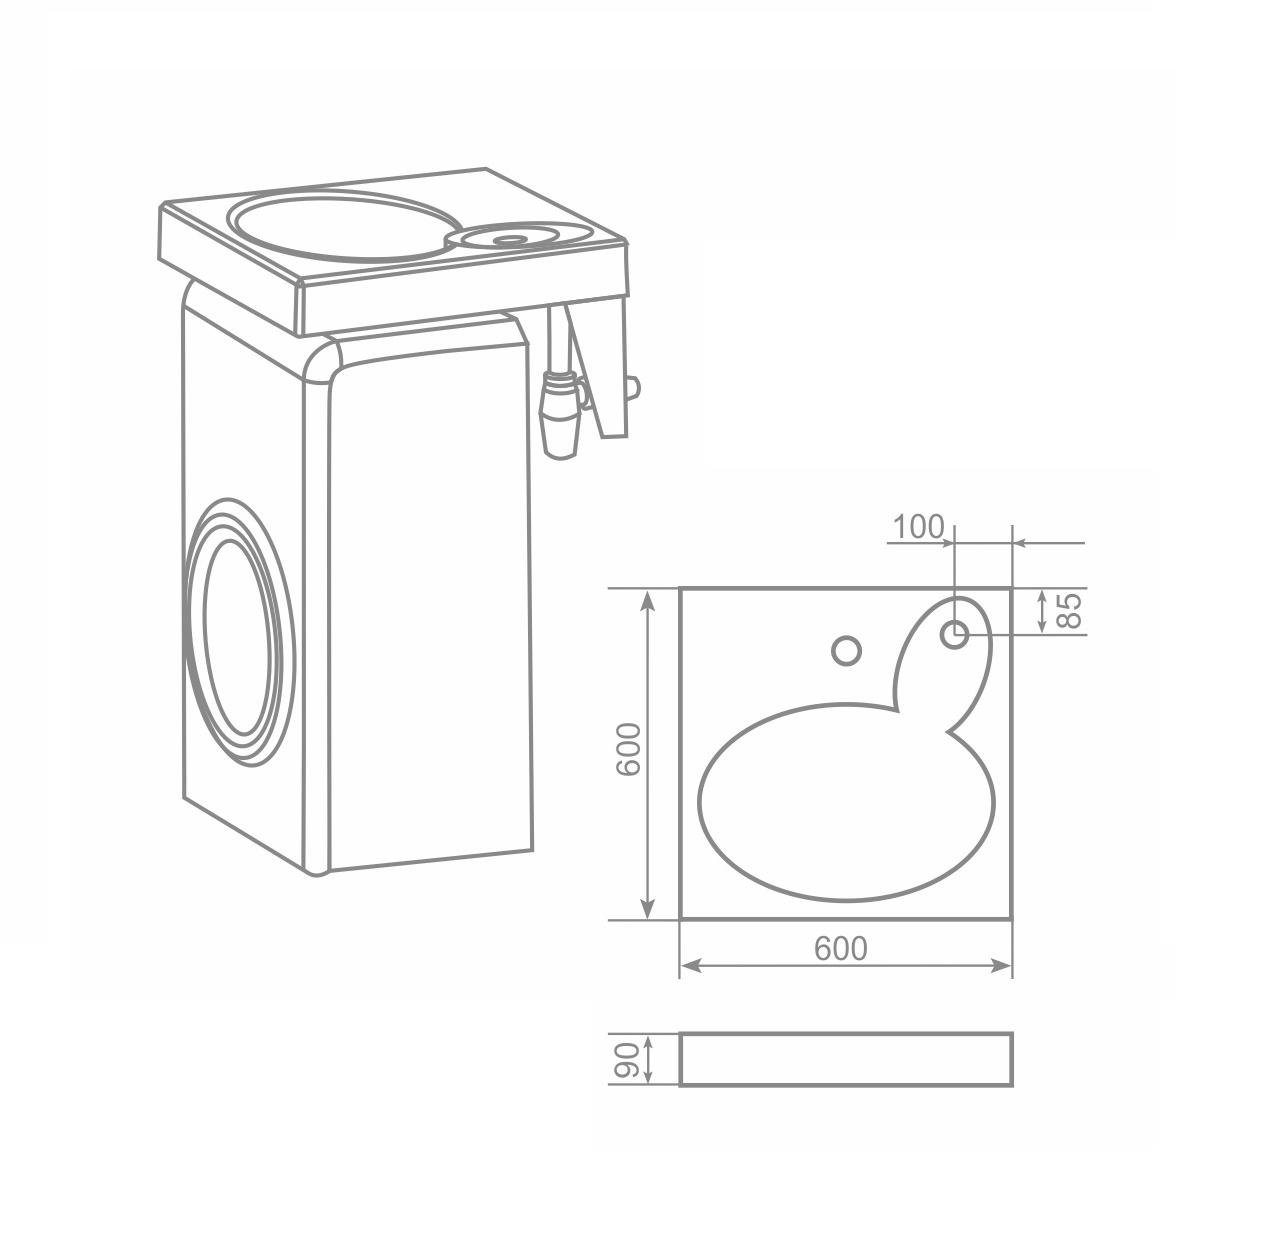 чертеж раковины над стиральной машиной